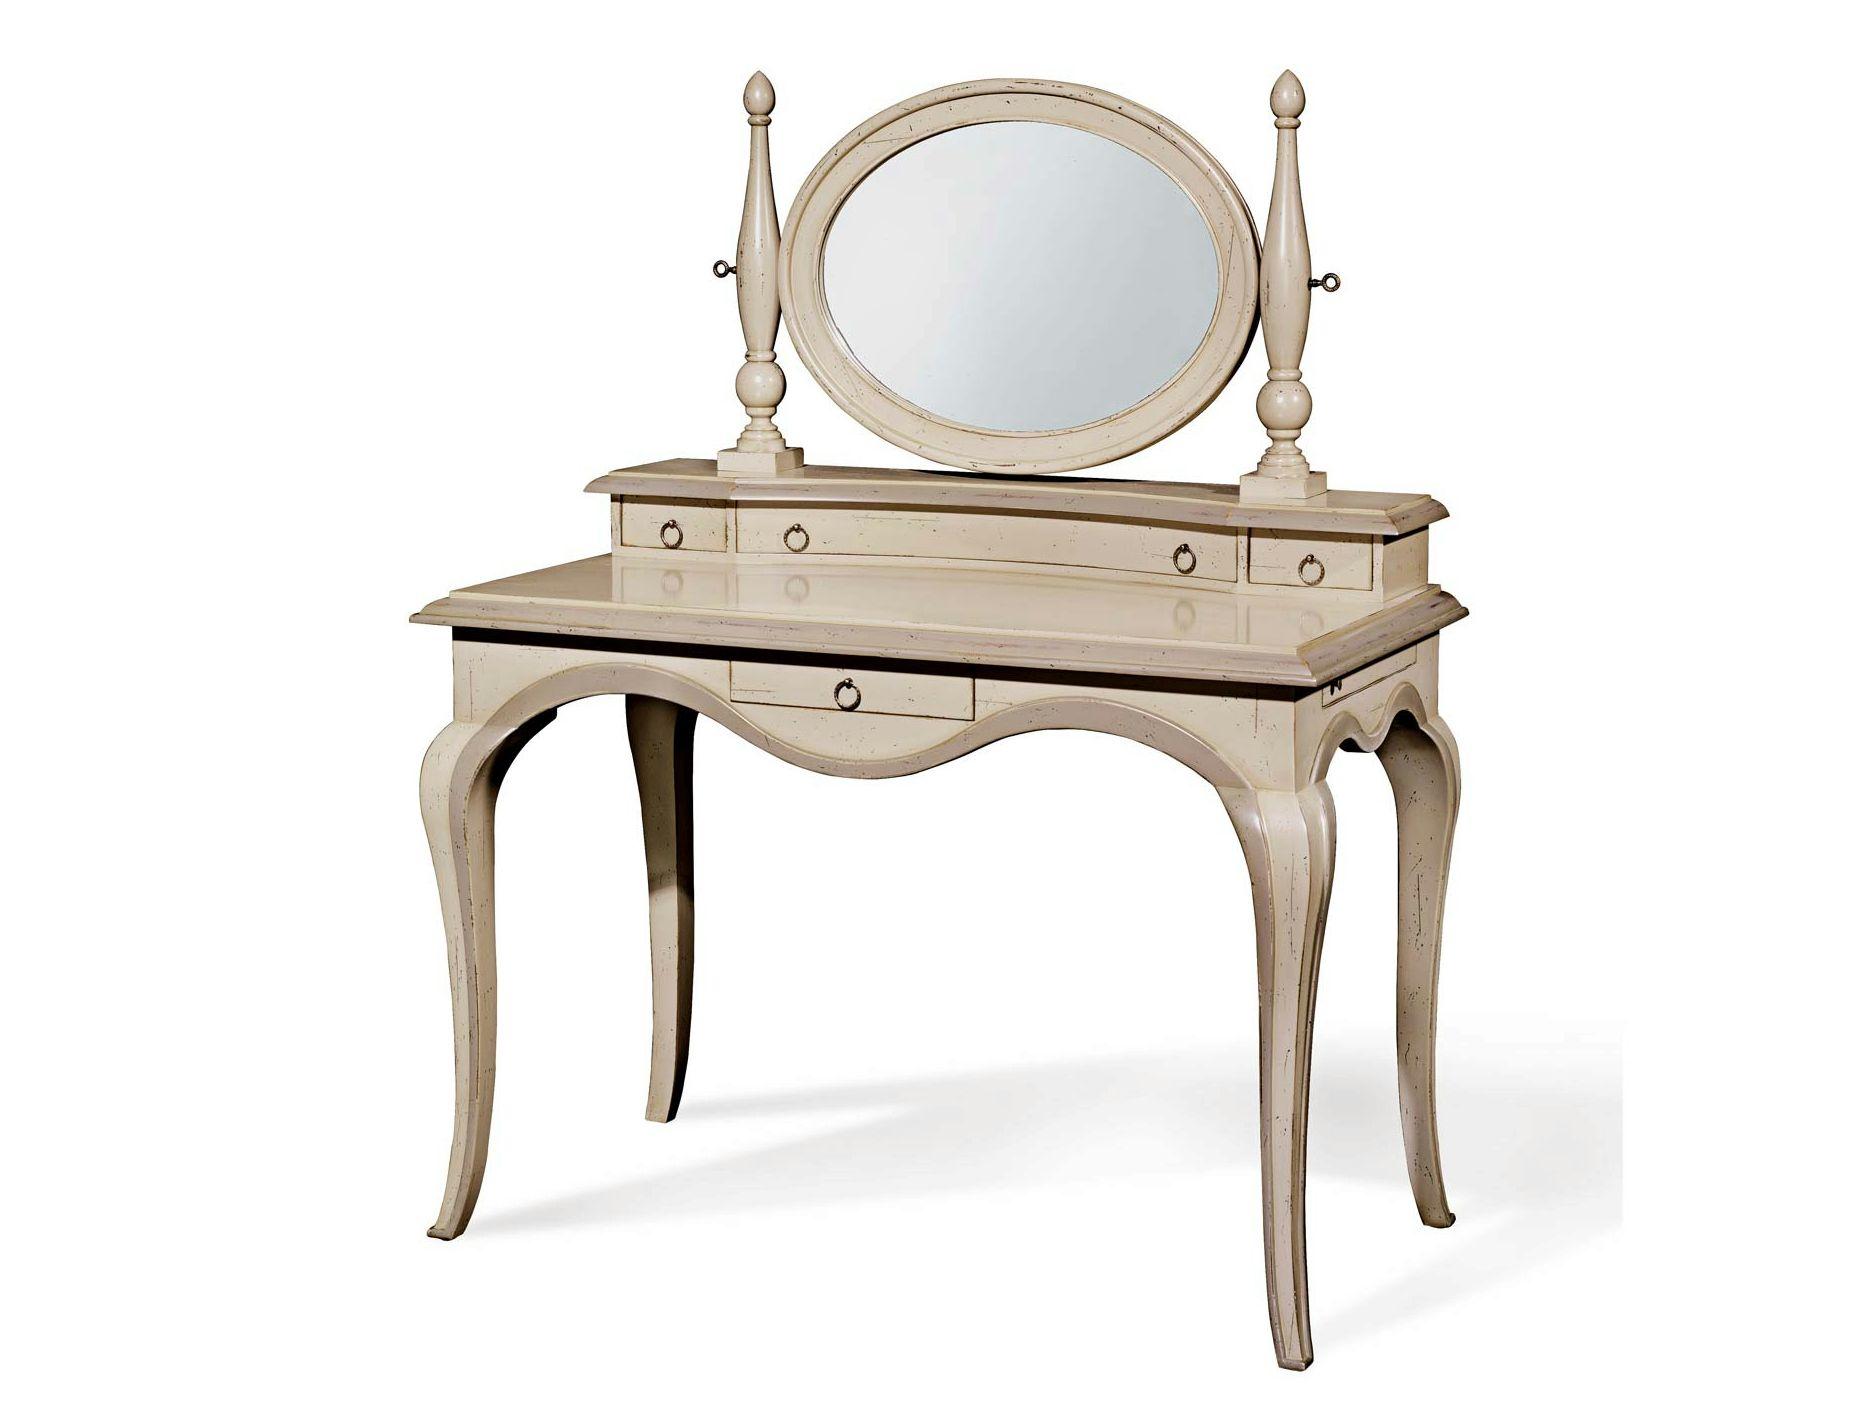 hortense coiffeuse by roche bobois design pierre dubois aim c cil. Black Bedroom Furniture Sets. Home Design Ideas